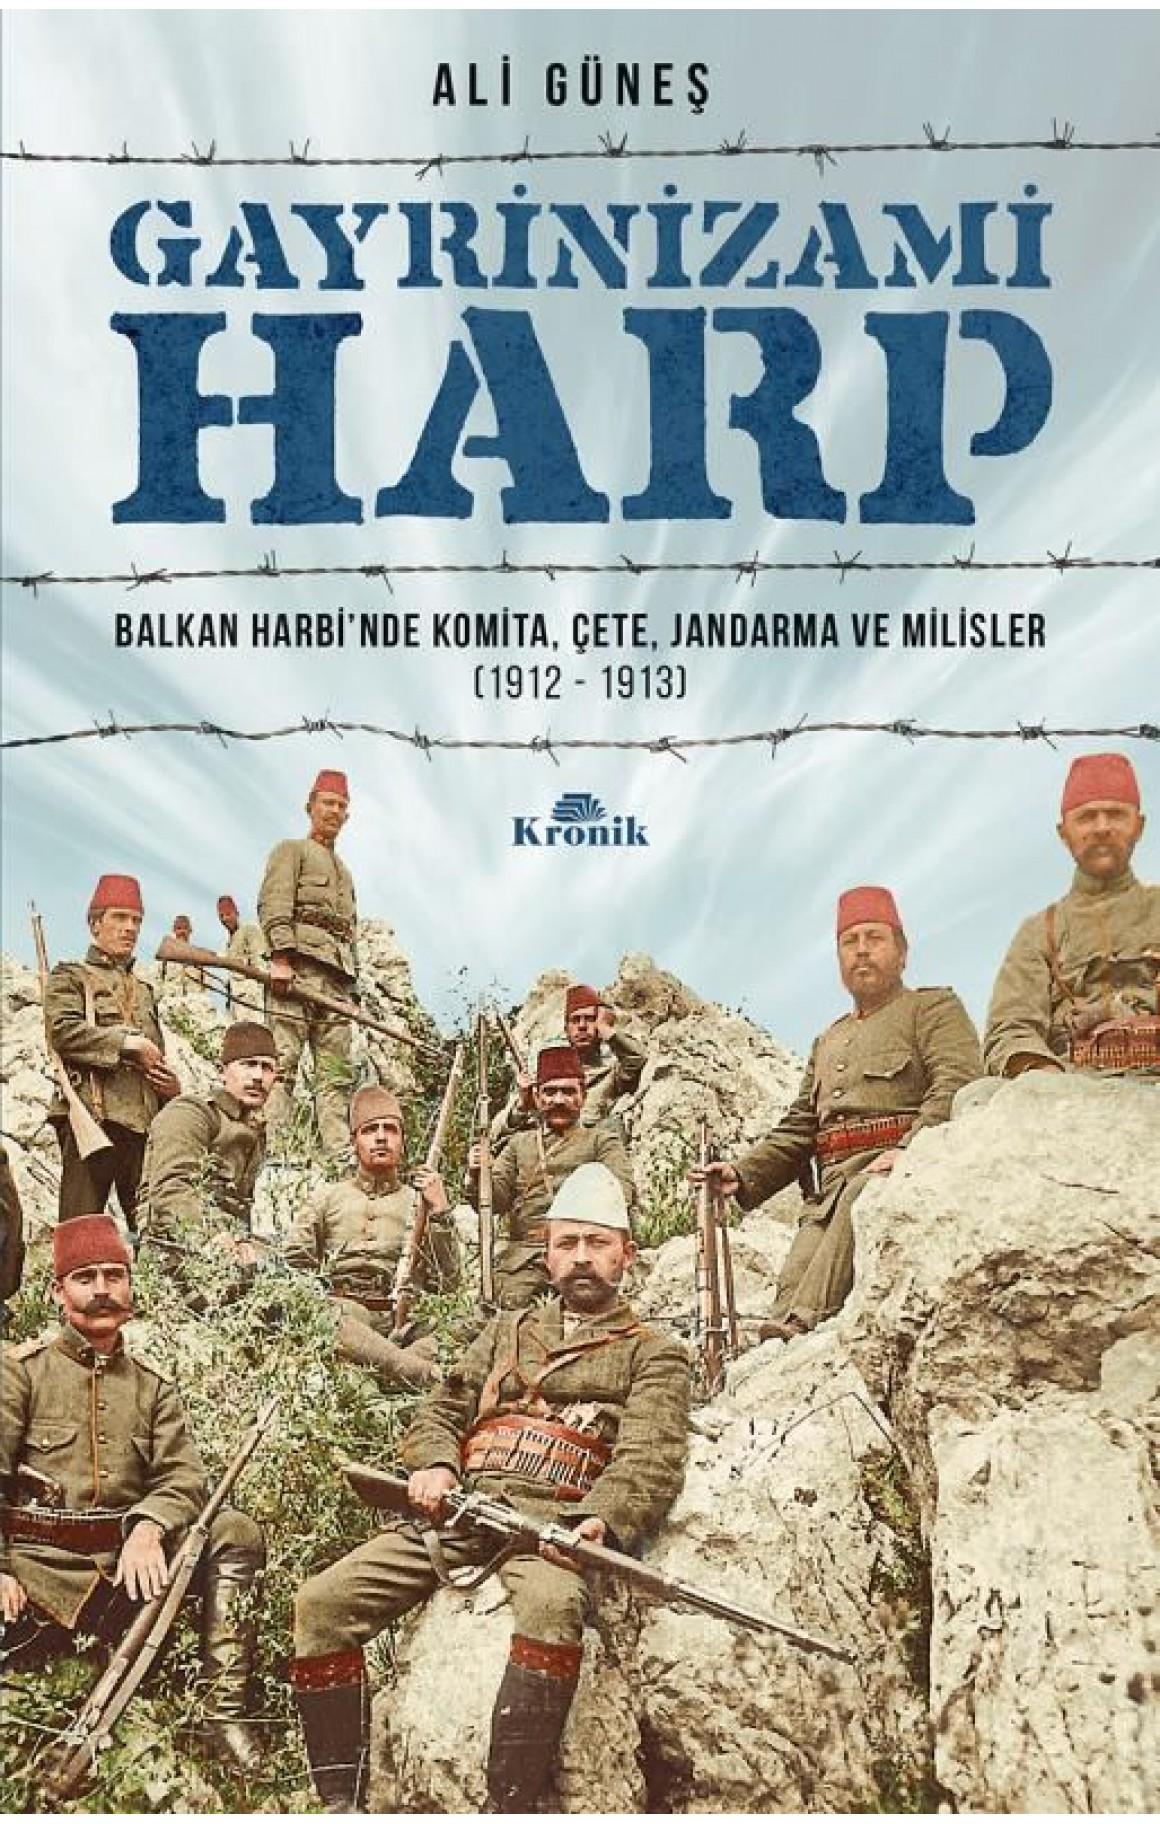 Gayrinizami Harp: Balkan Harbinde Komita-Çete-Jandarma ve Milisler 1912-1913